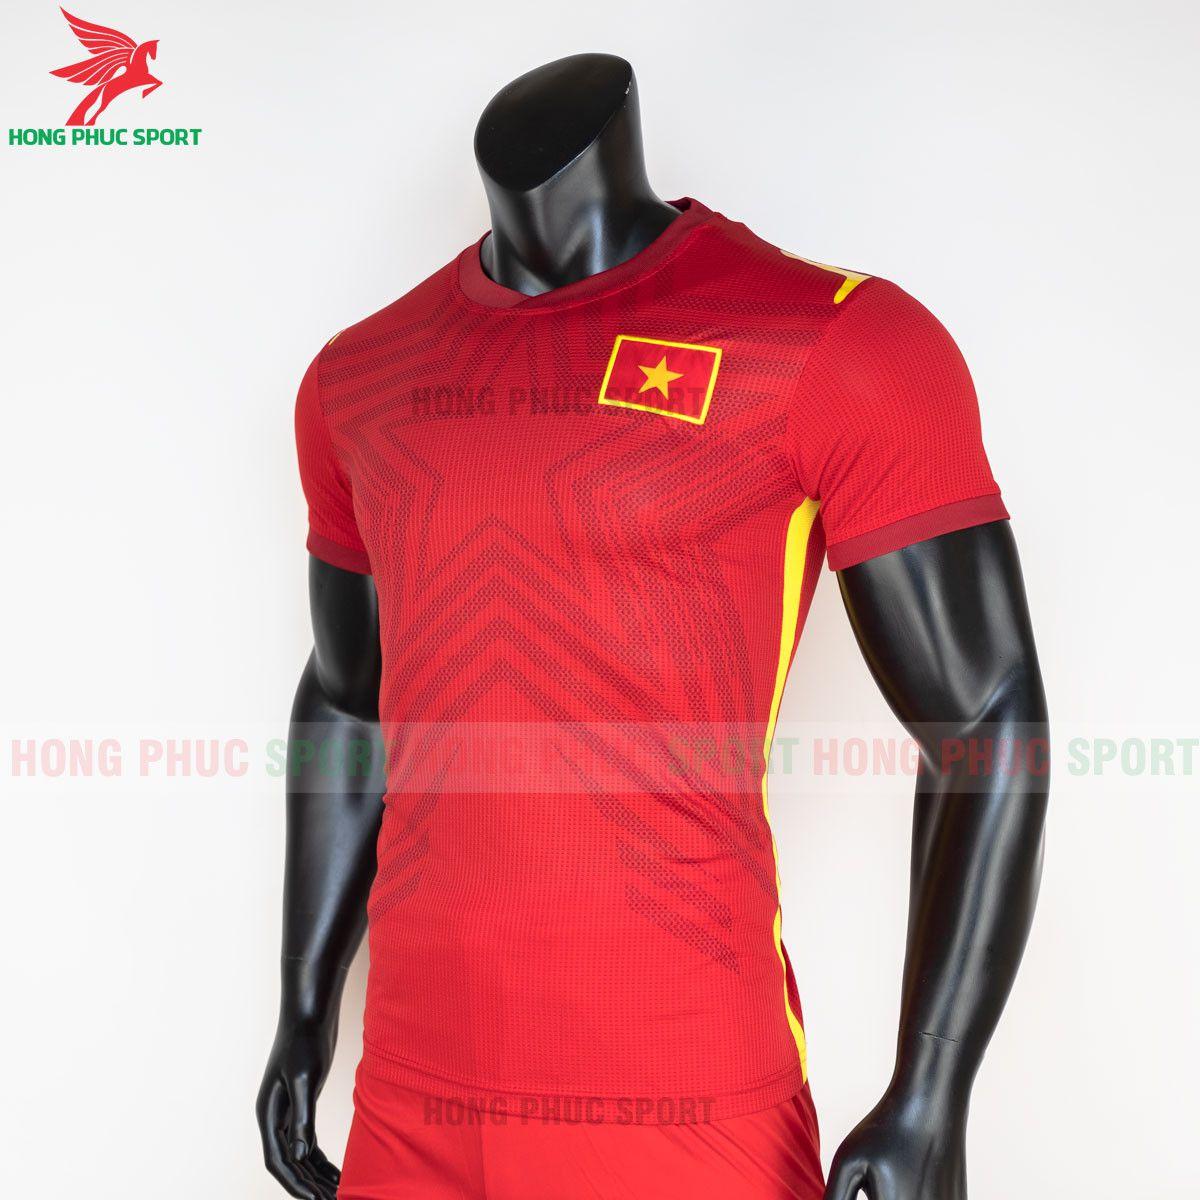 https://cdn.hongphucsport.com/unsafe/s4.shopbay.vn/files/285/ao-bong-da-tuyen-viet-nam-2021-san-nha-hang-thai-3-60d30ffb84436.jpg